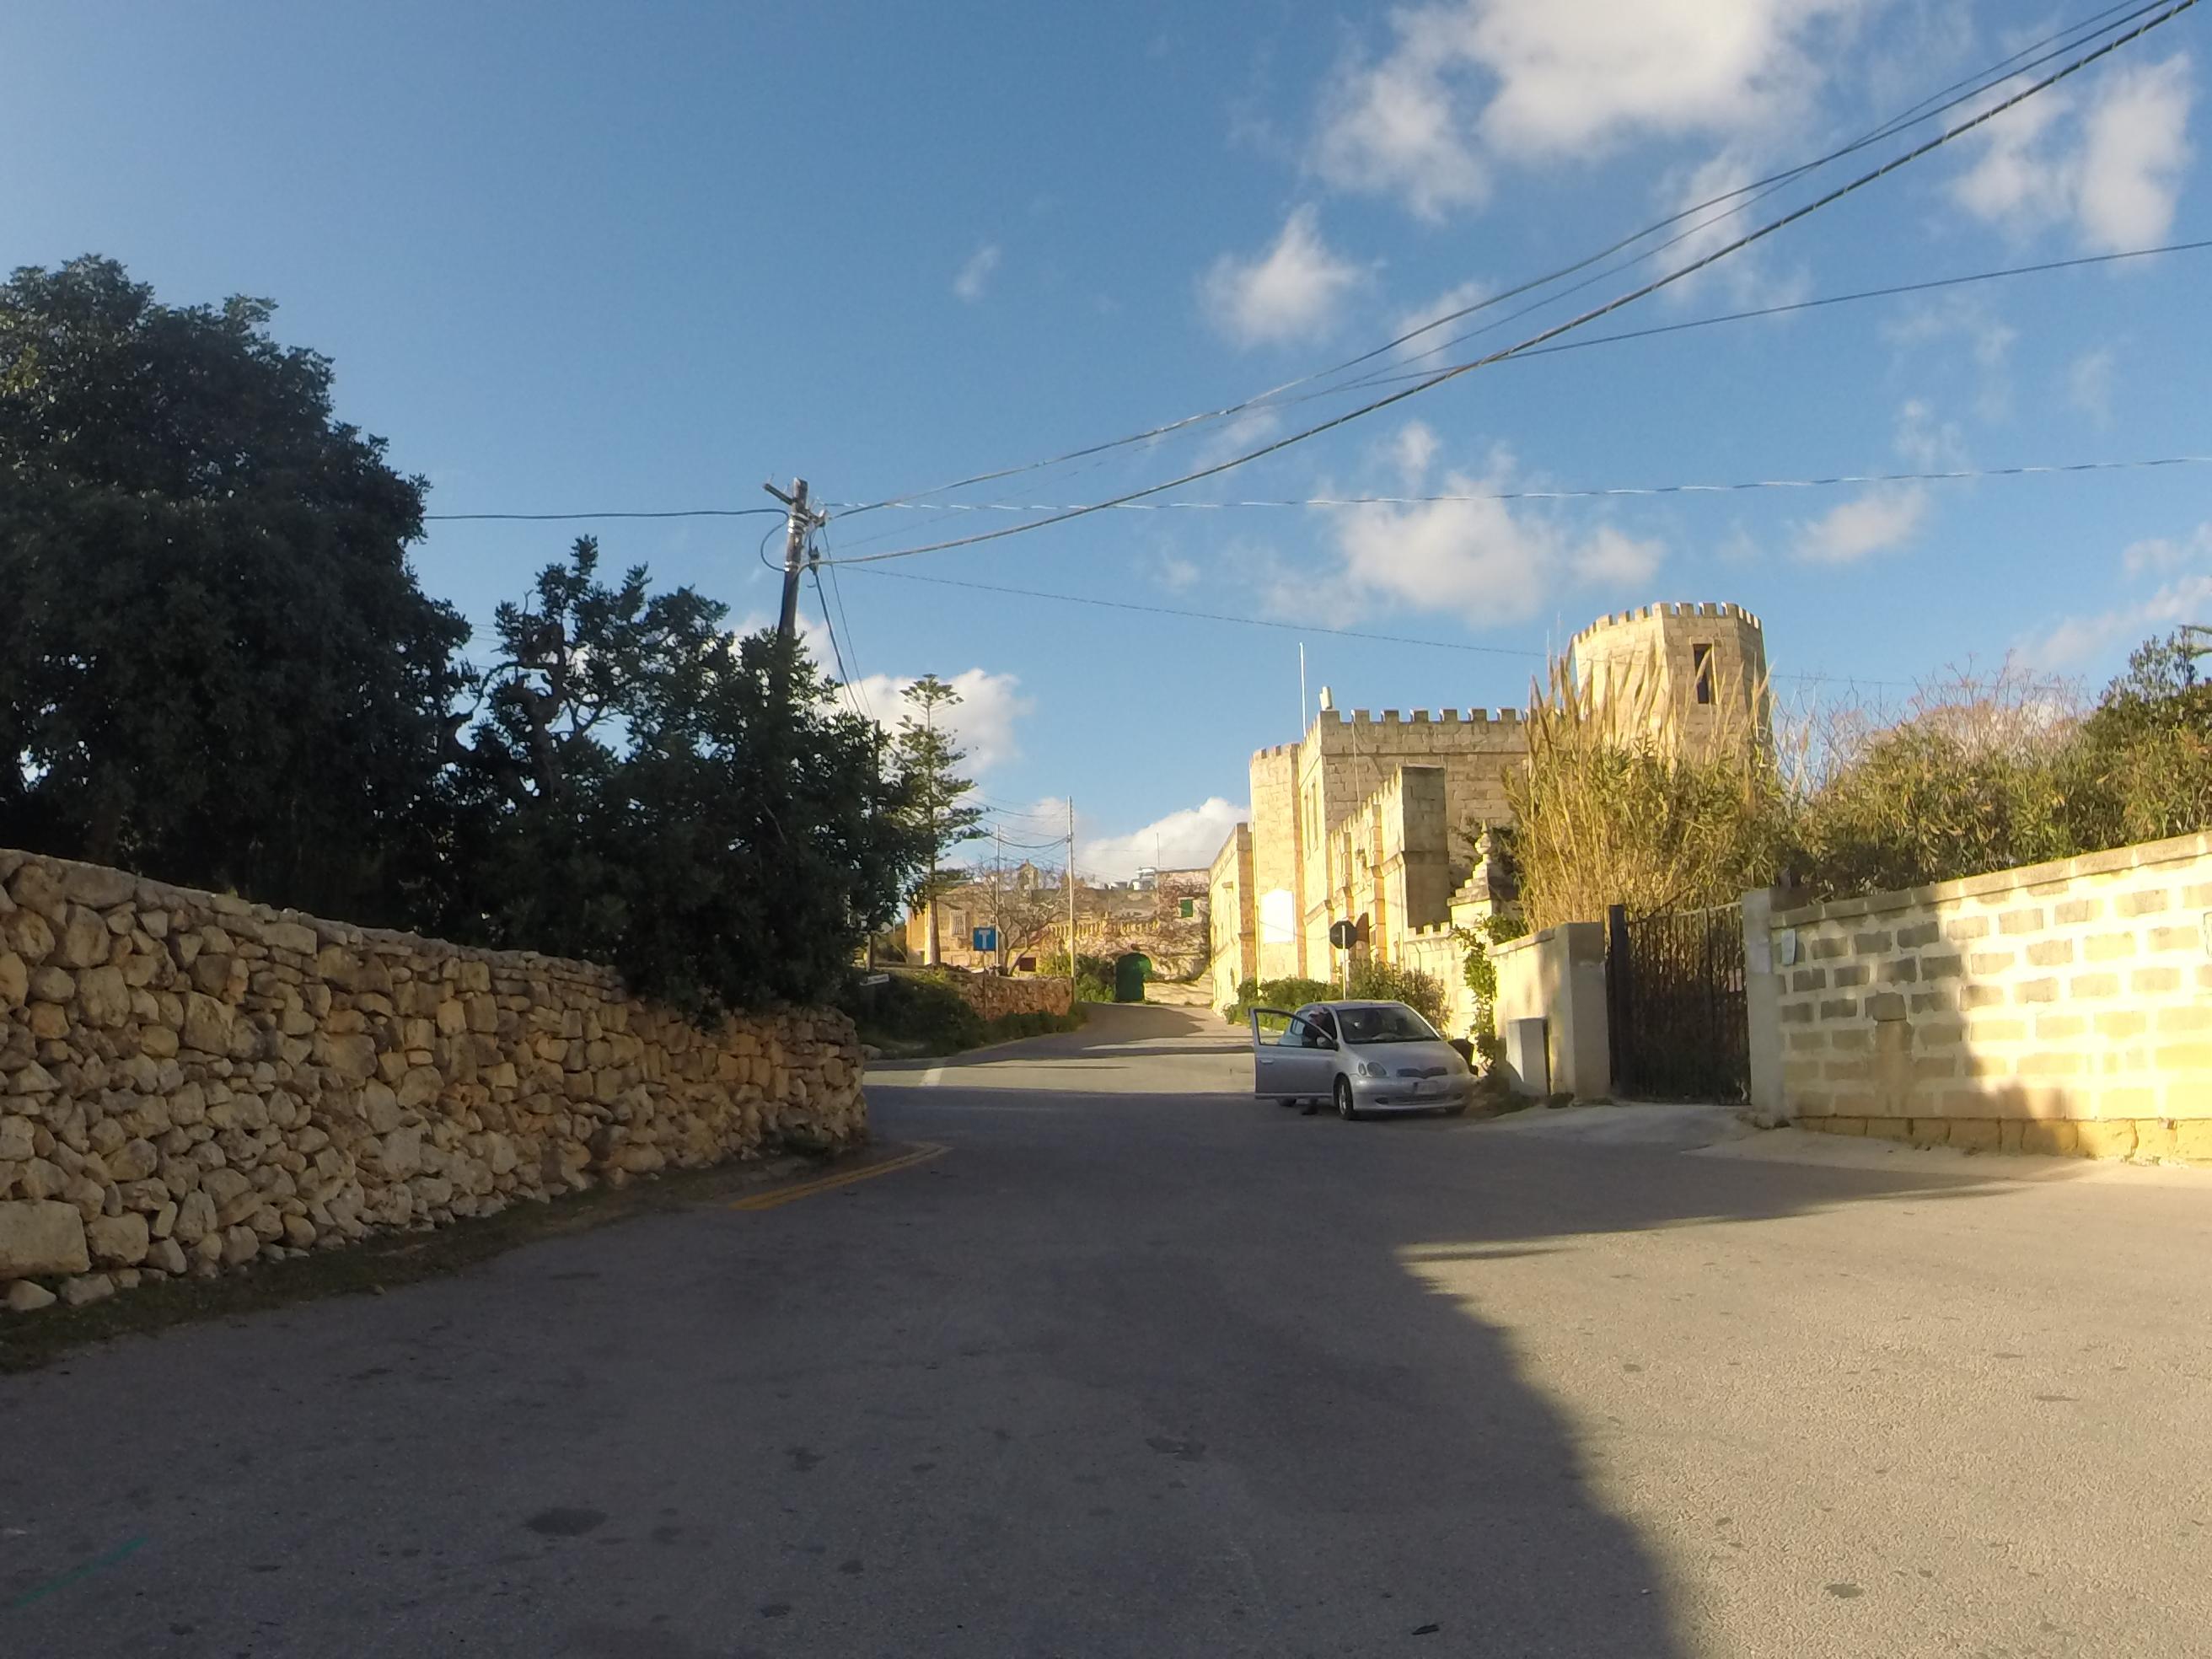 FileRas Il Wardija San Pawl Il Baar Malta